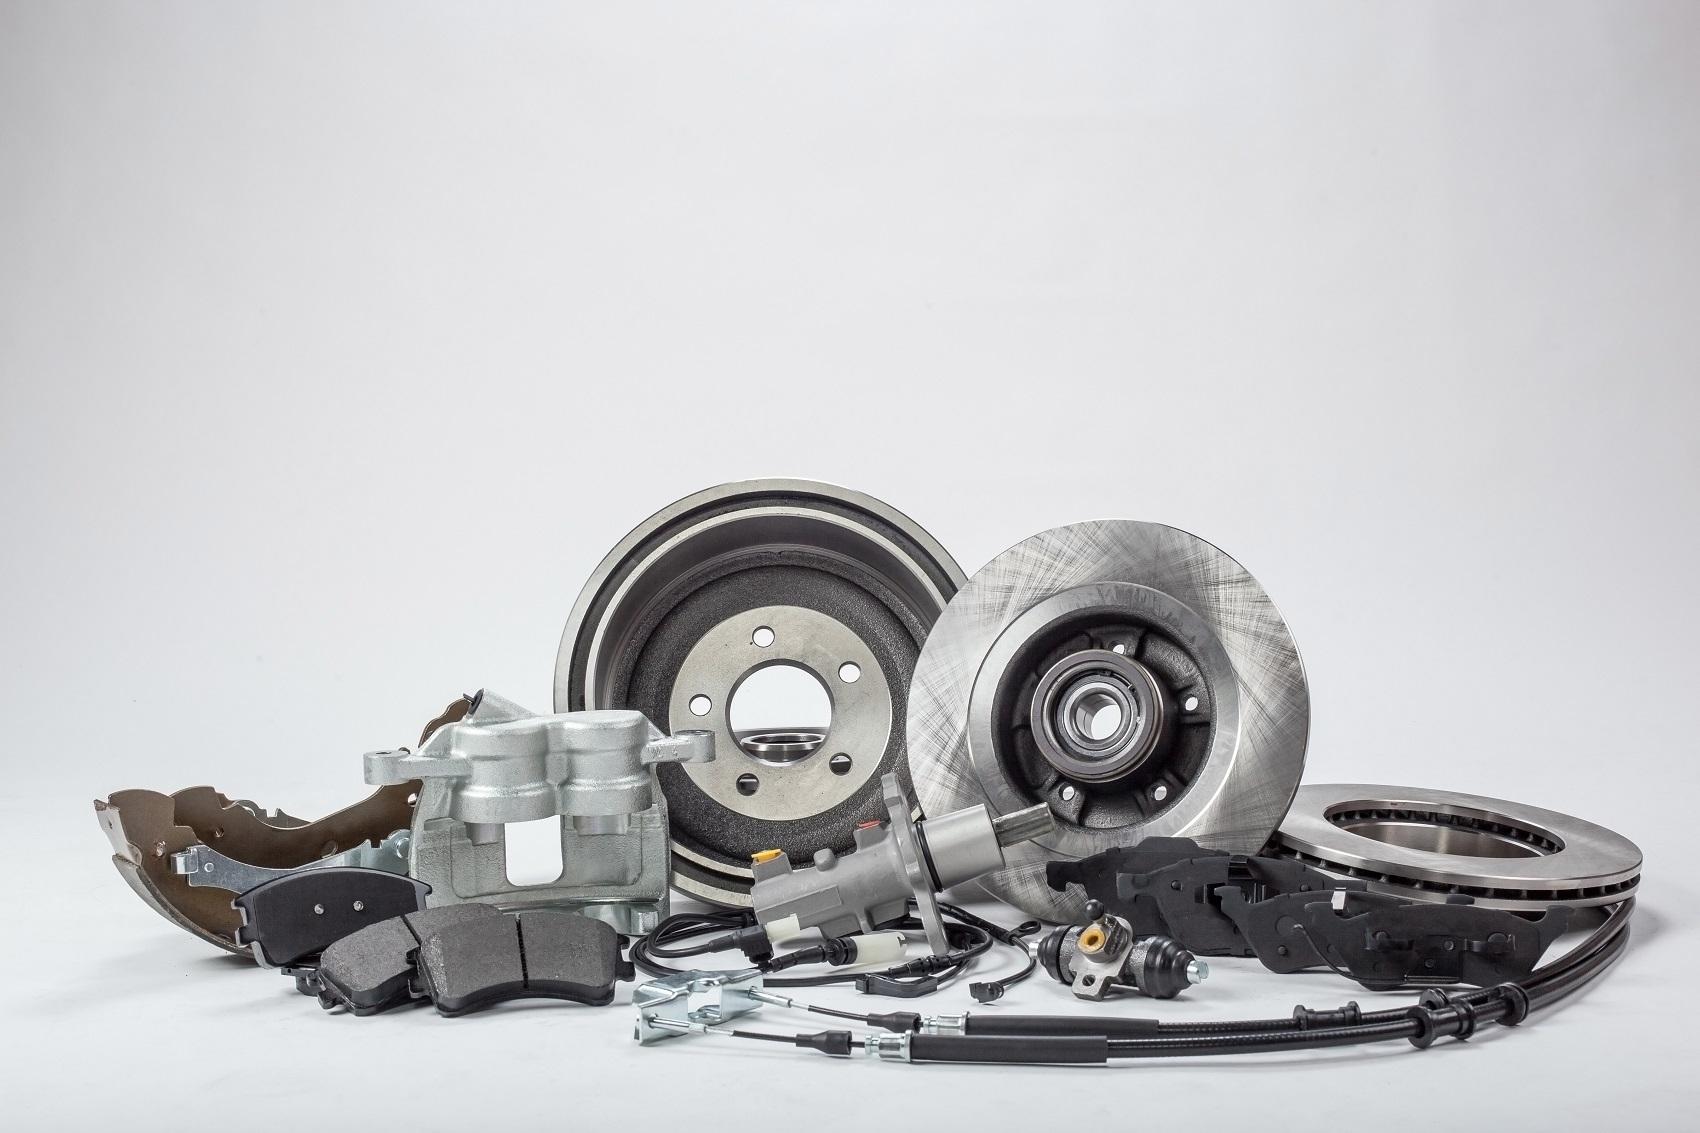 Vehicle Parts Pile